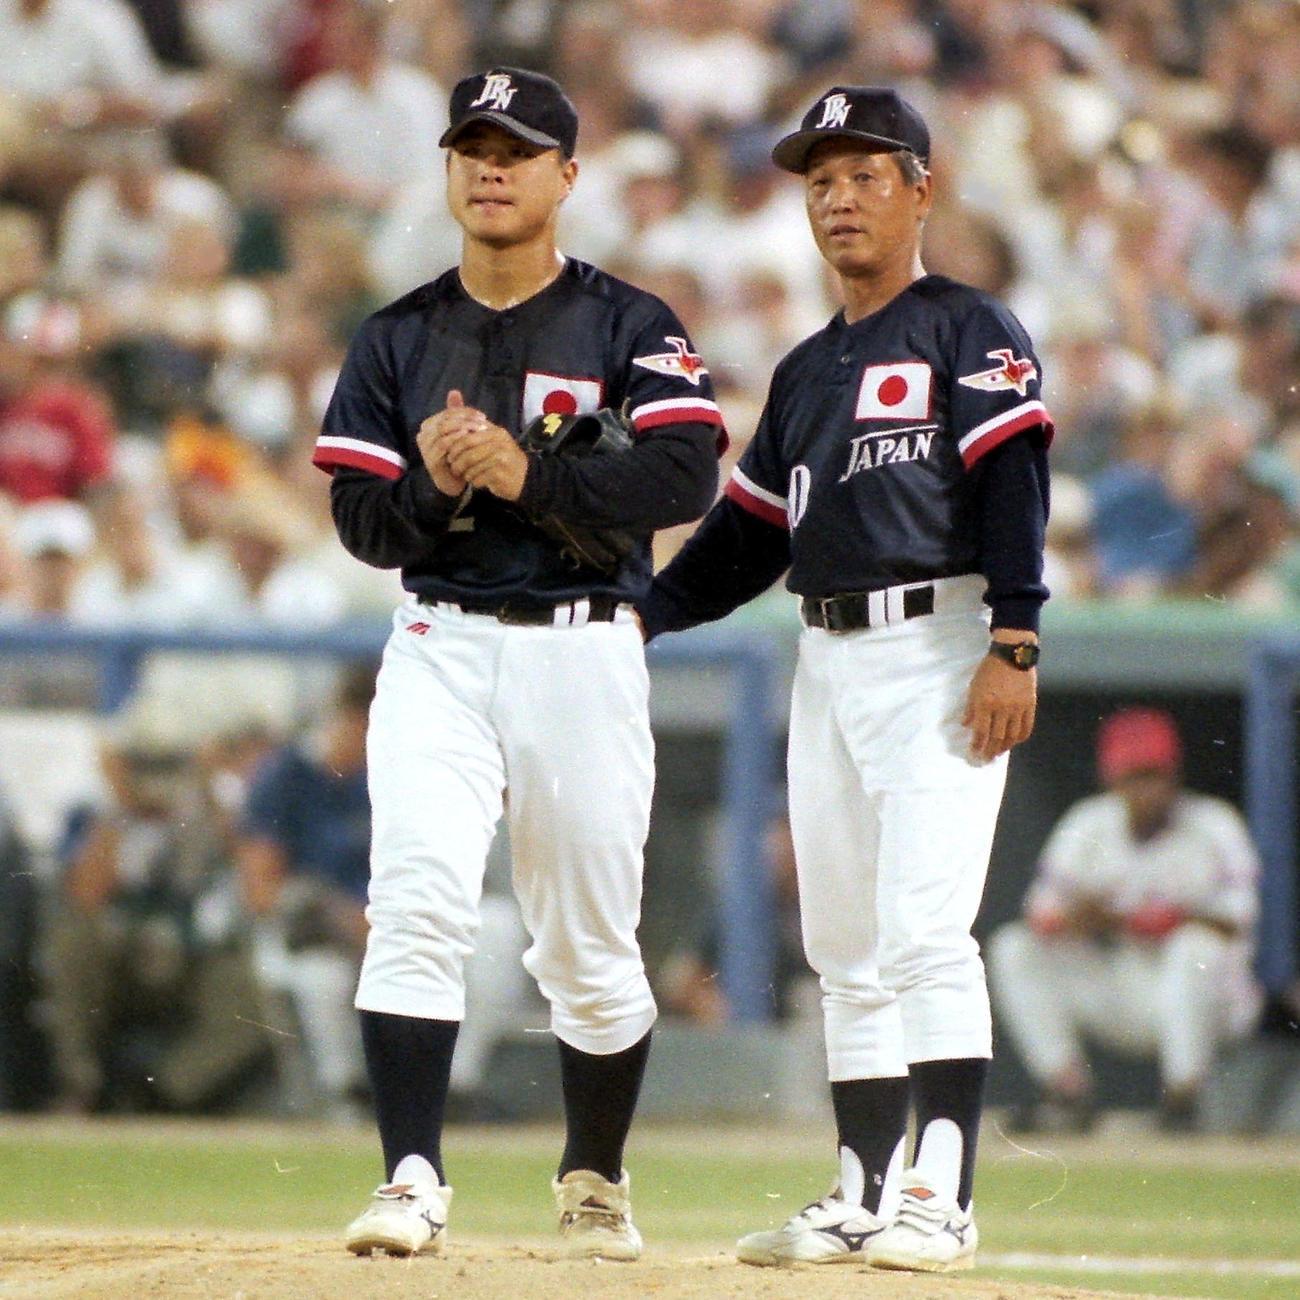 アトランタ五輪決勝のキューバ戦で、投手森中(左)に交替を告げる川島監督(1996年8月2日撮影)